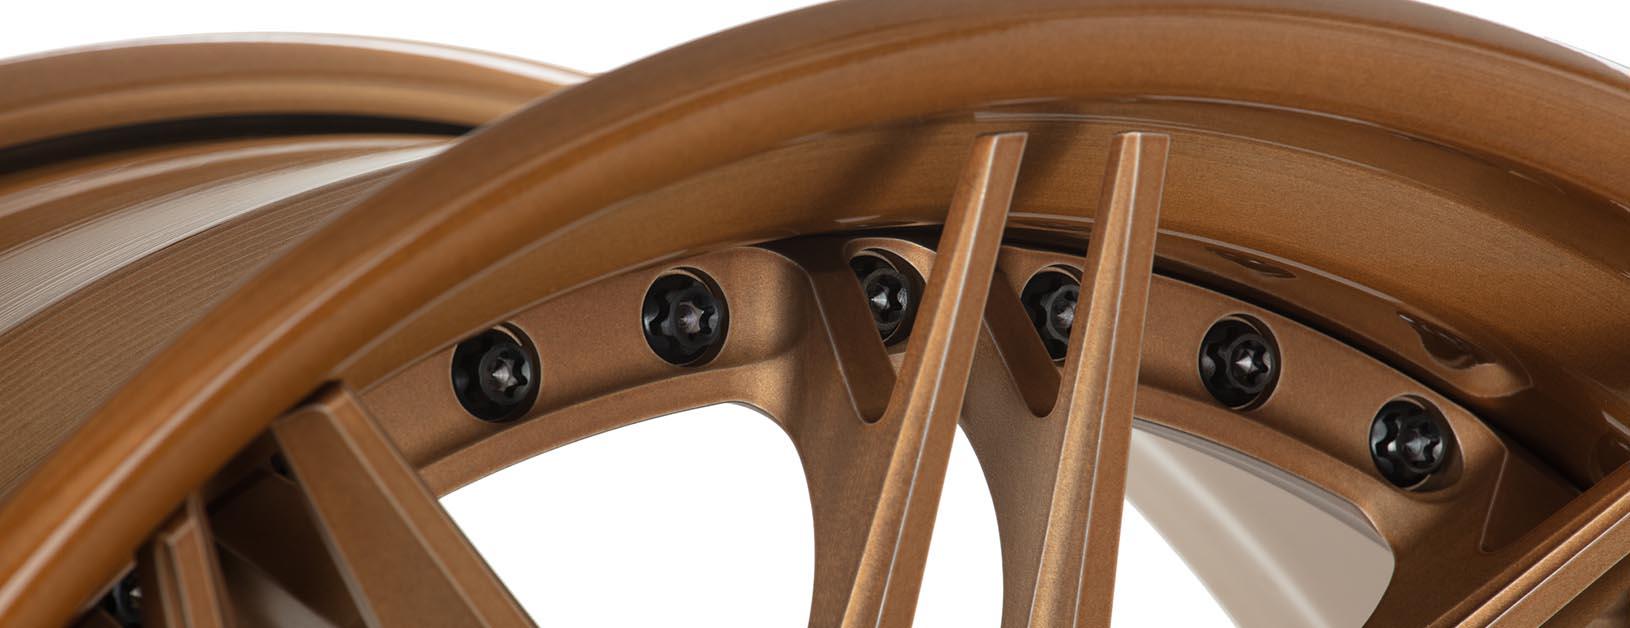 Vossen-EVO-5-3P-Matte-Imperial-Gold-EVO-Series-©-Vossen-Wheels-2019-0705-Edit